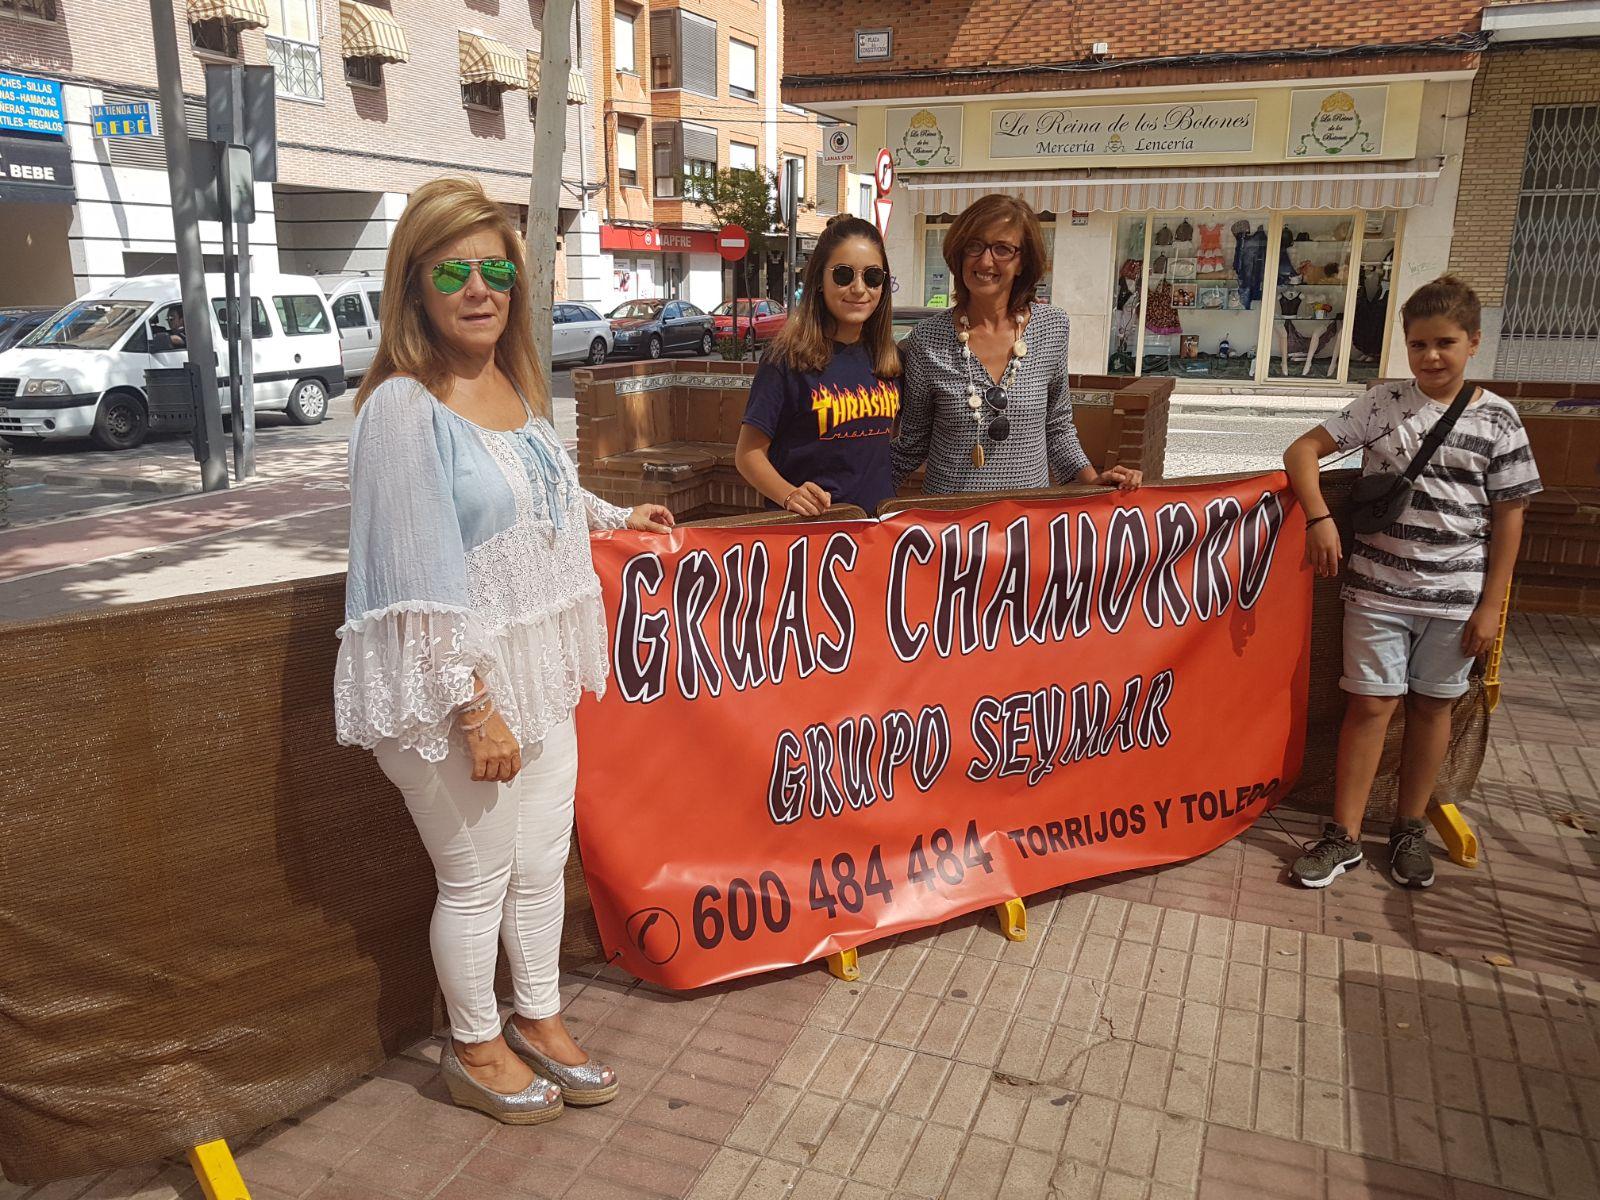 torneo_ajedrez_gruas_chamorro